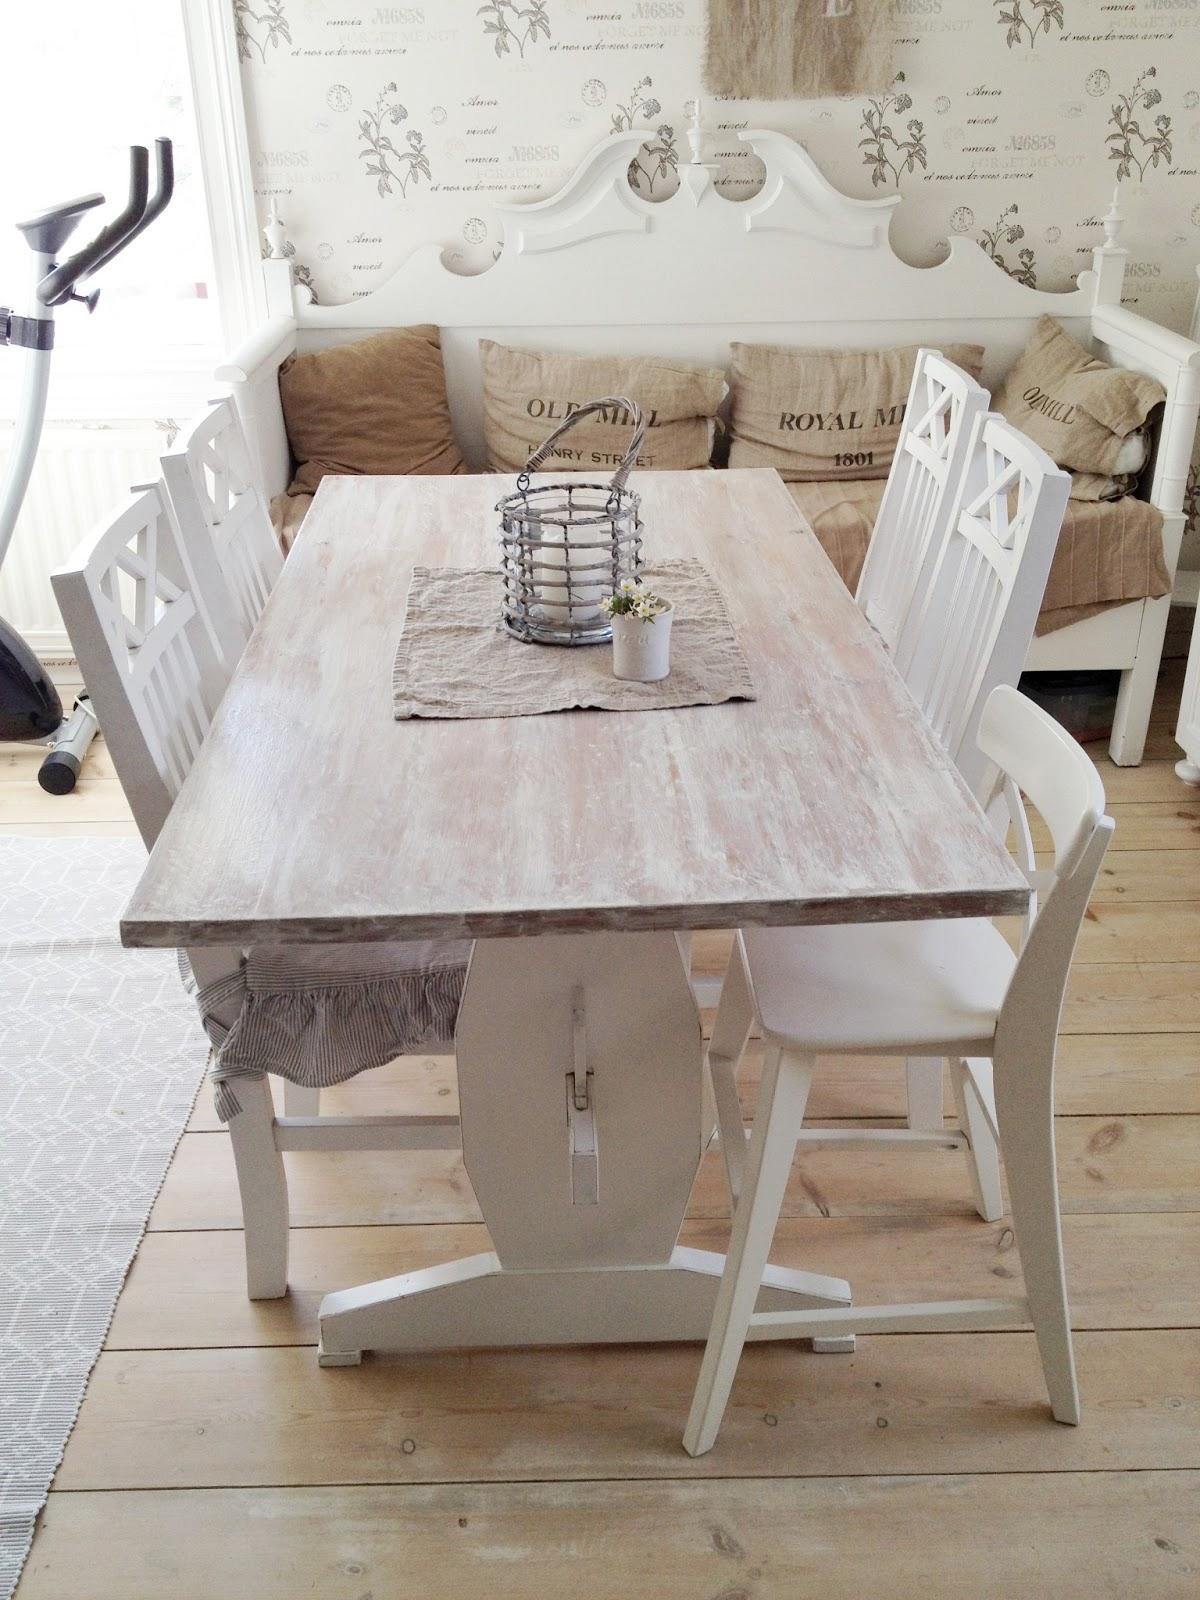 Sma Koksbord : Japp, koksbordet ska nu bytas ut och or till salu Vi behover ett